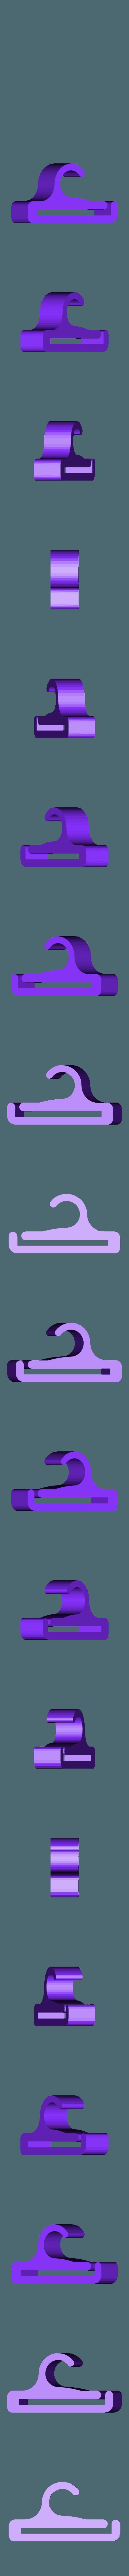 camelbak_clip.stl Télécharger fichier STL gratuit type camelbak tube à boire/embout de tuyau flexible • Objet pour imprimante 3D, procreator3D